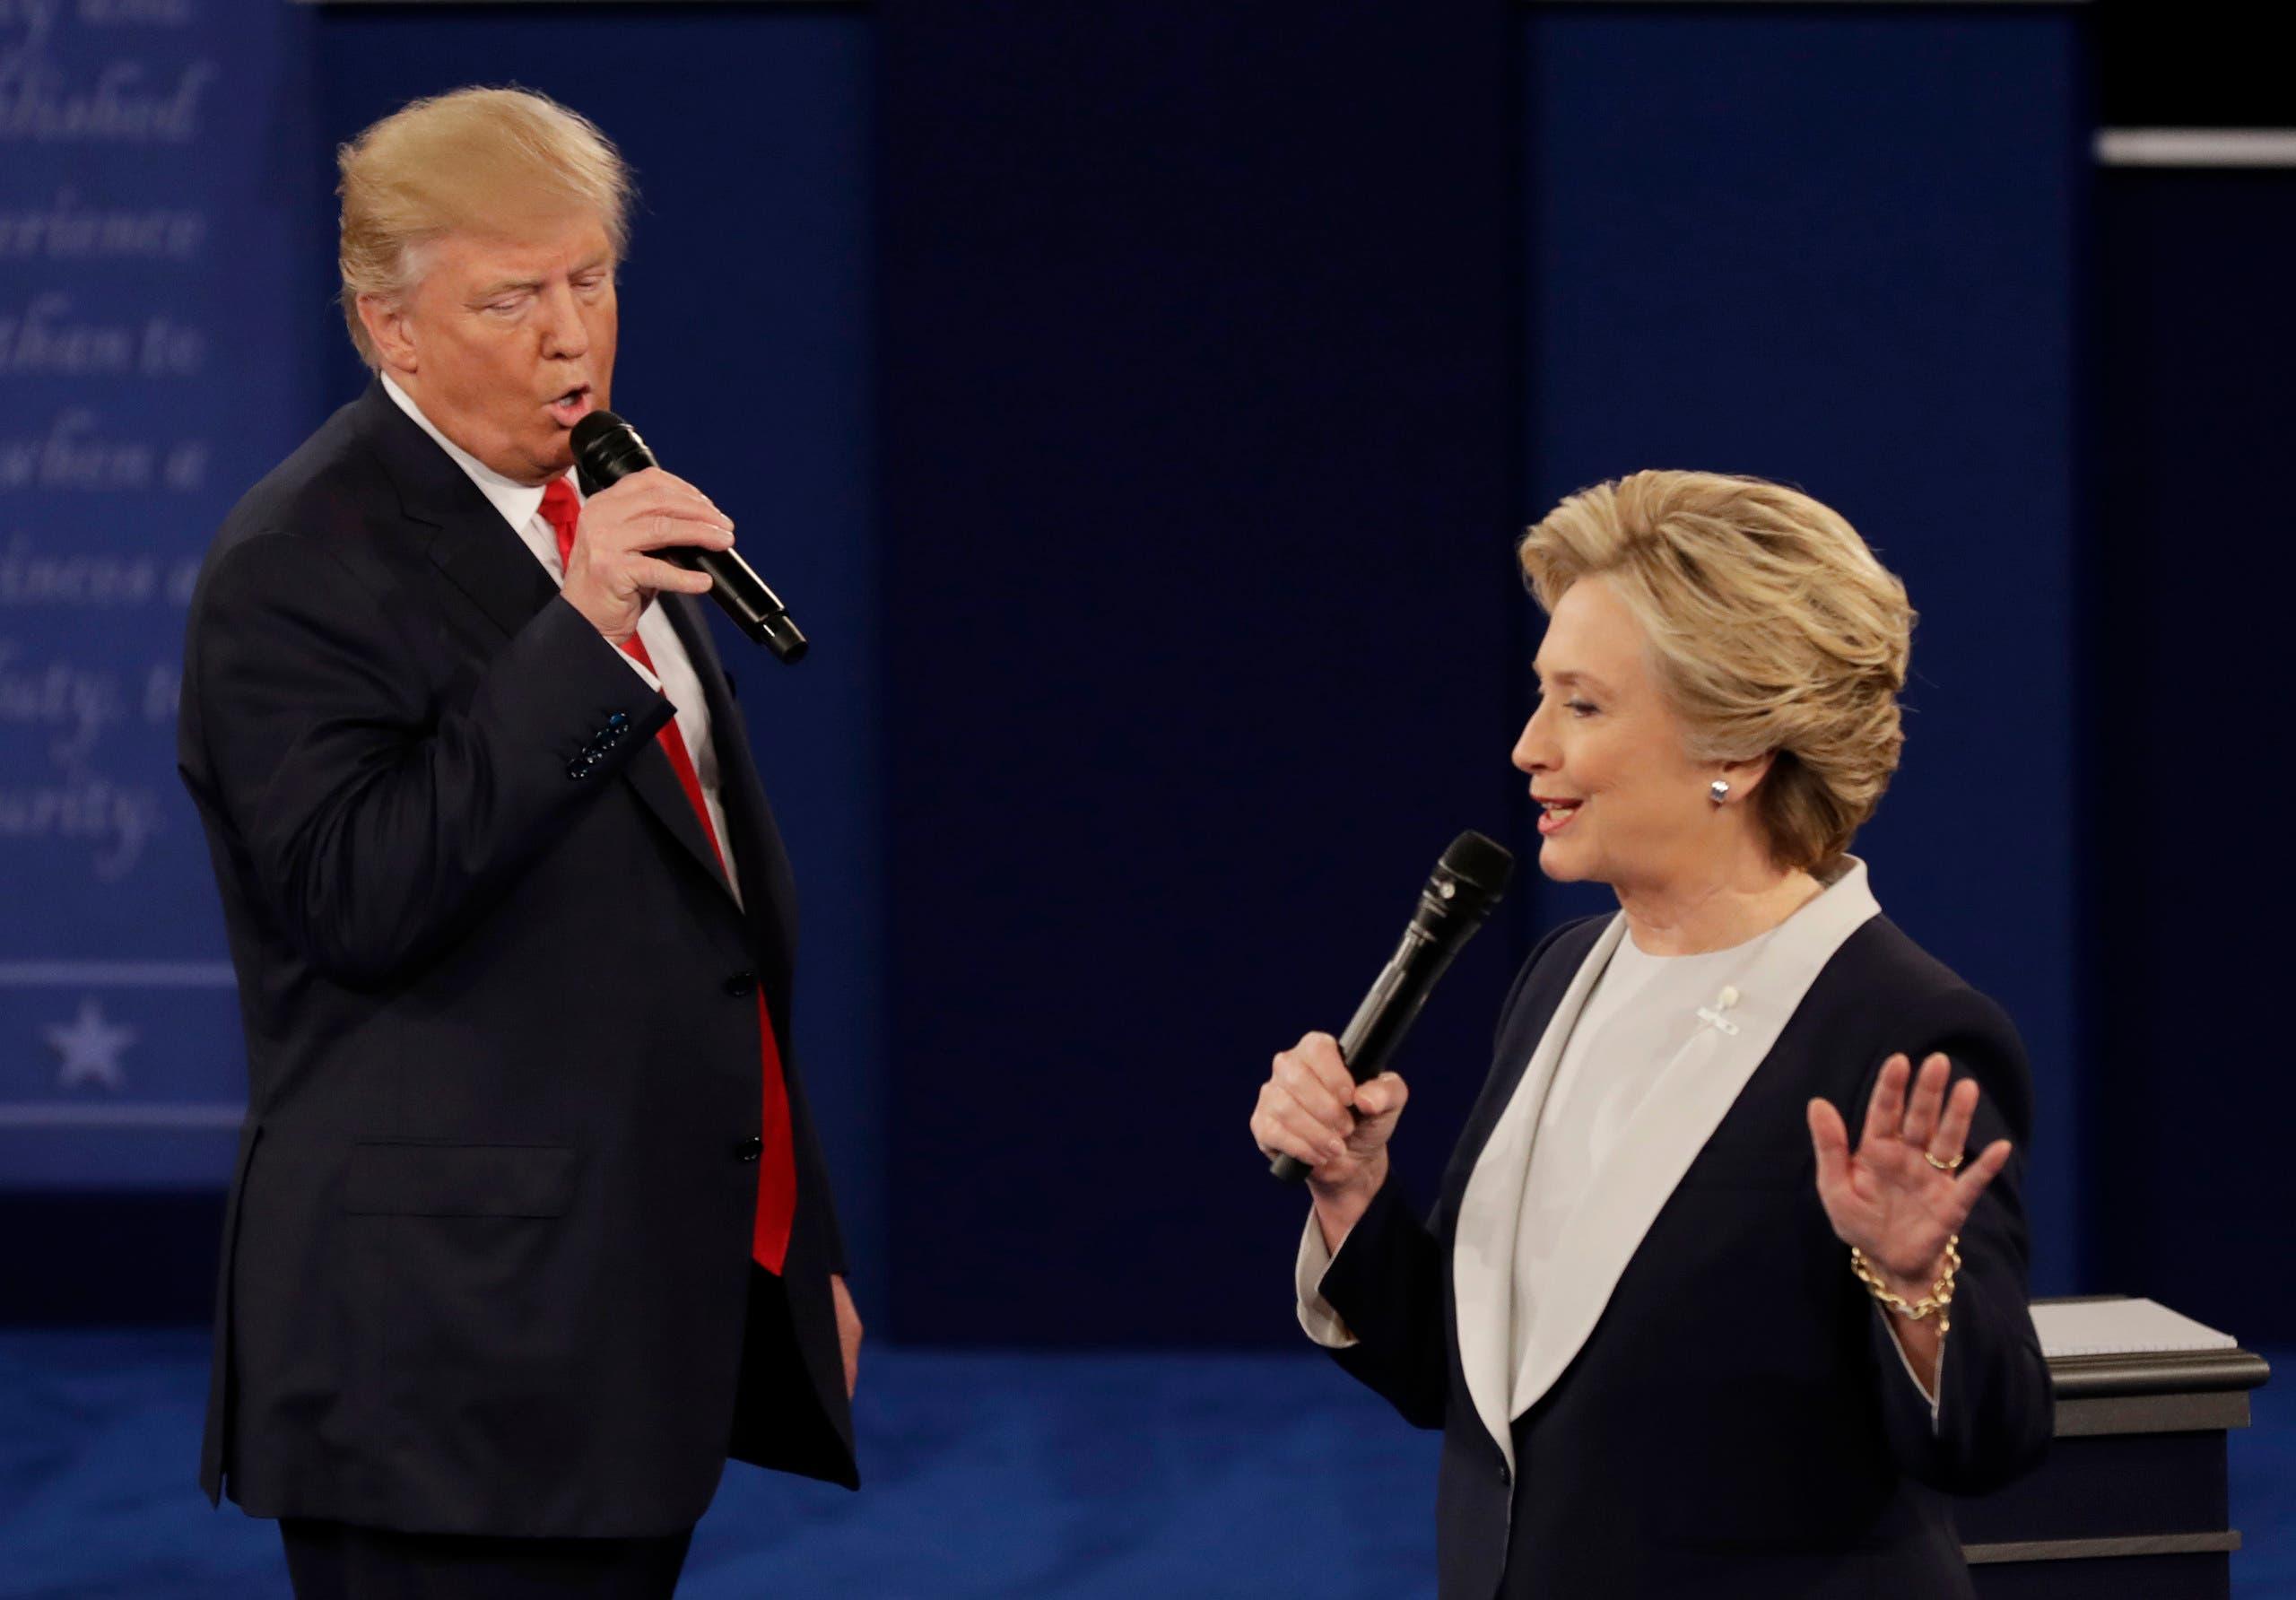 هيلاري كلينتون ودونالد ترمب